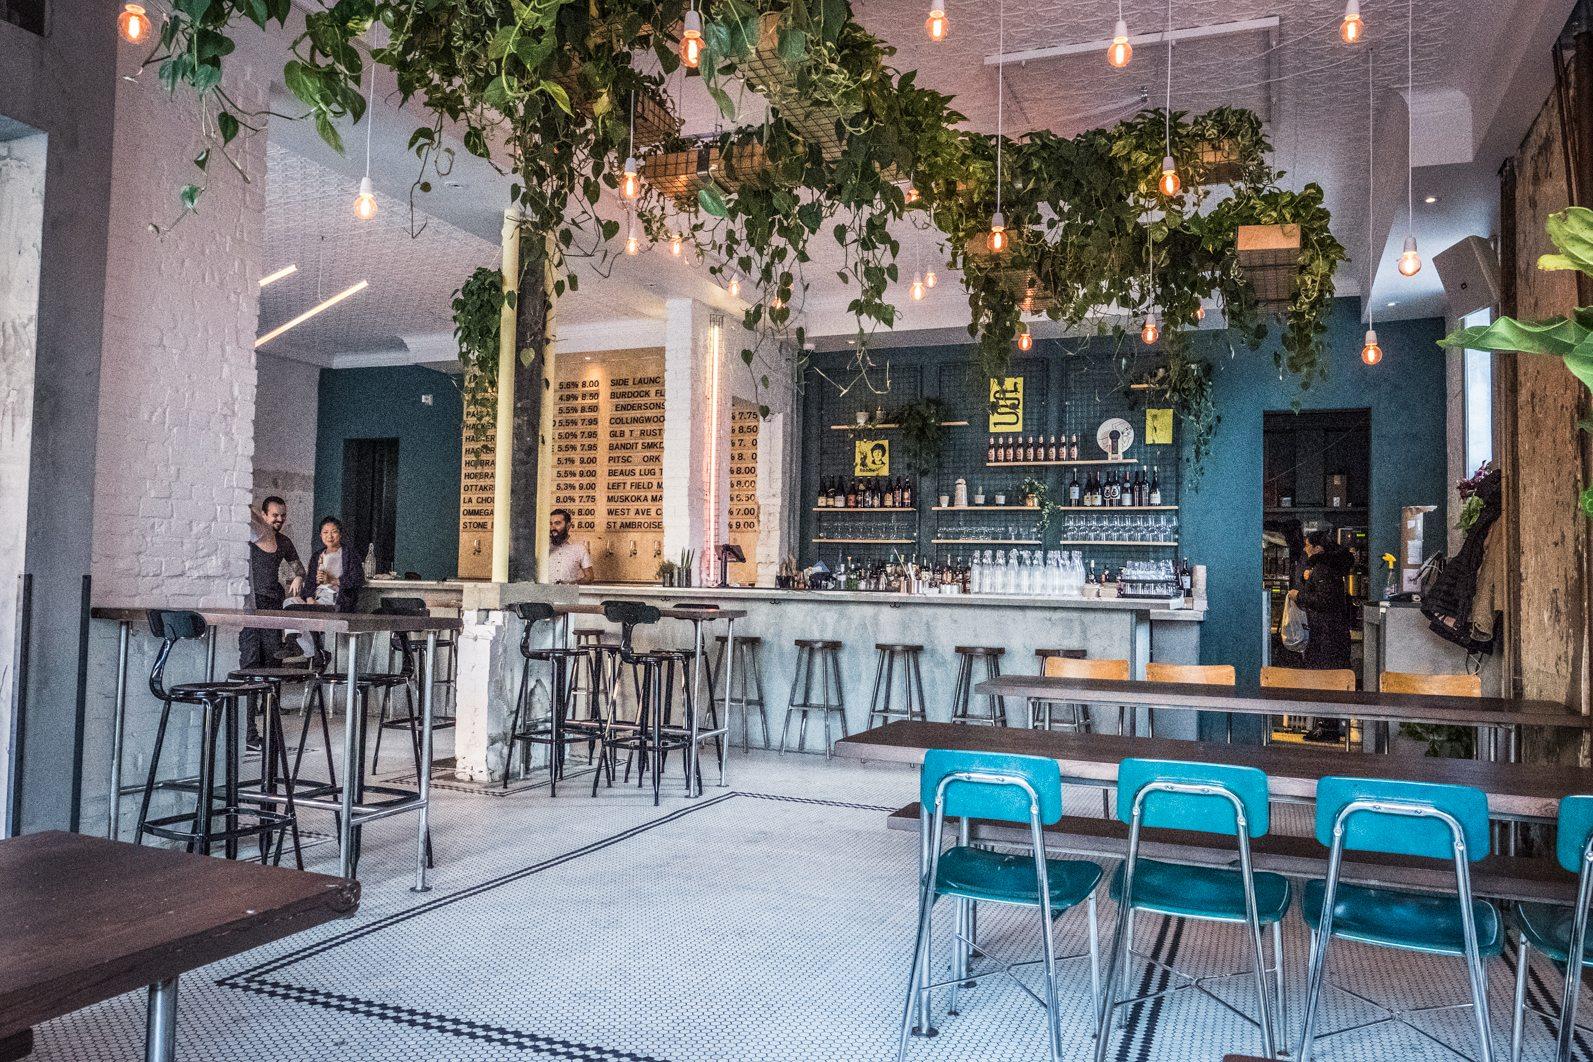 toronto-restaurants-bars-ottos-bierhalle-german-beer-queen-west-interior-3